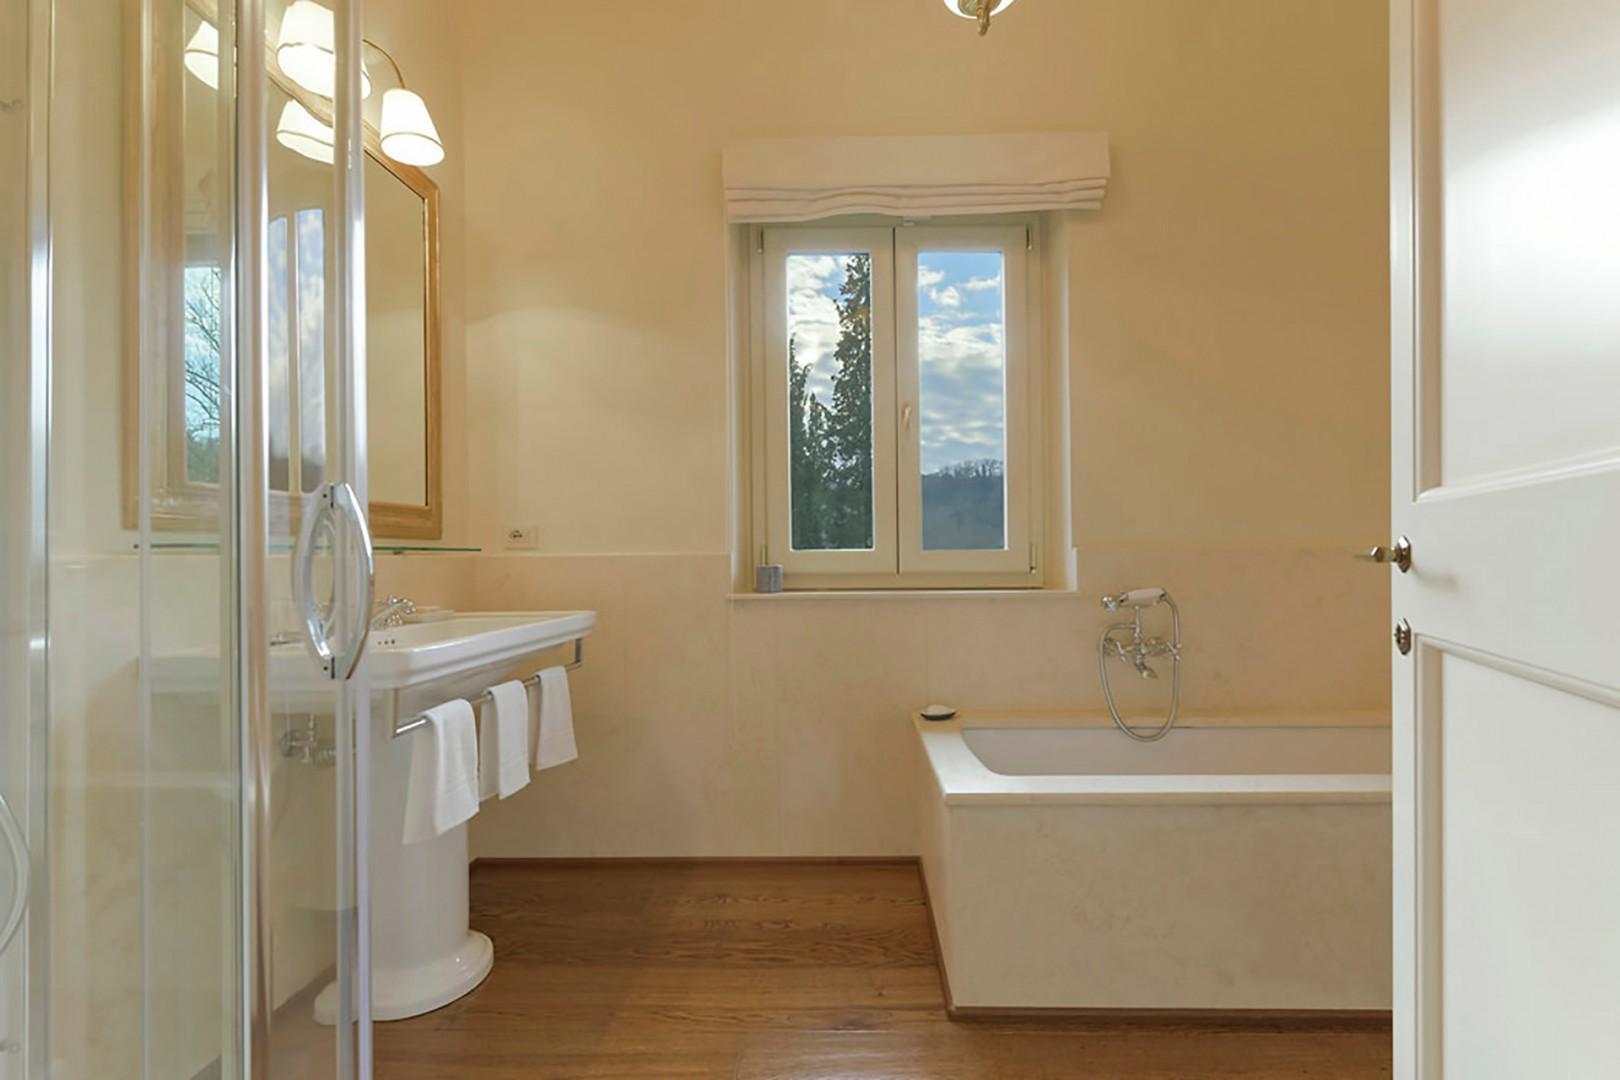 En suite bathroom to bedroom 1 has both a shower and bathtub.